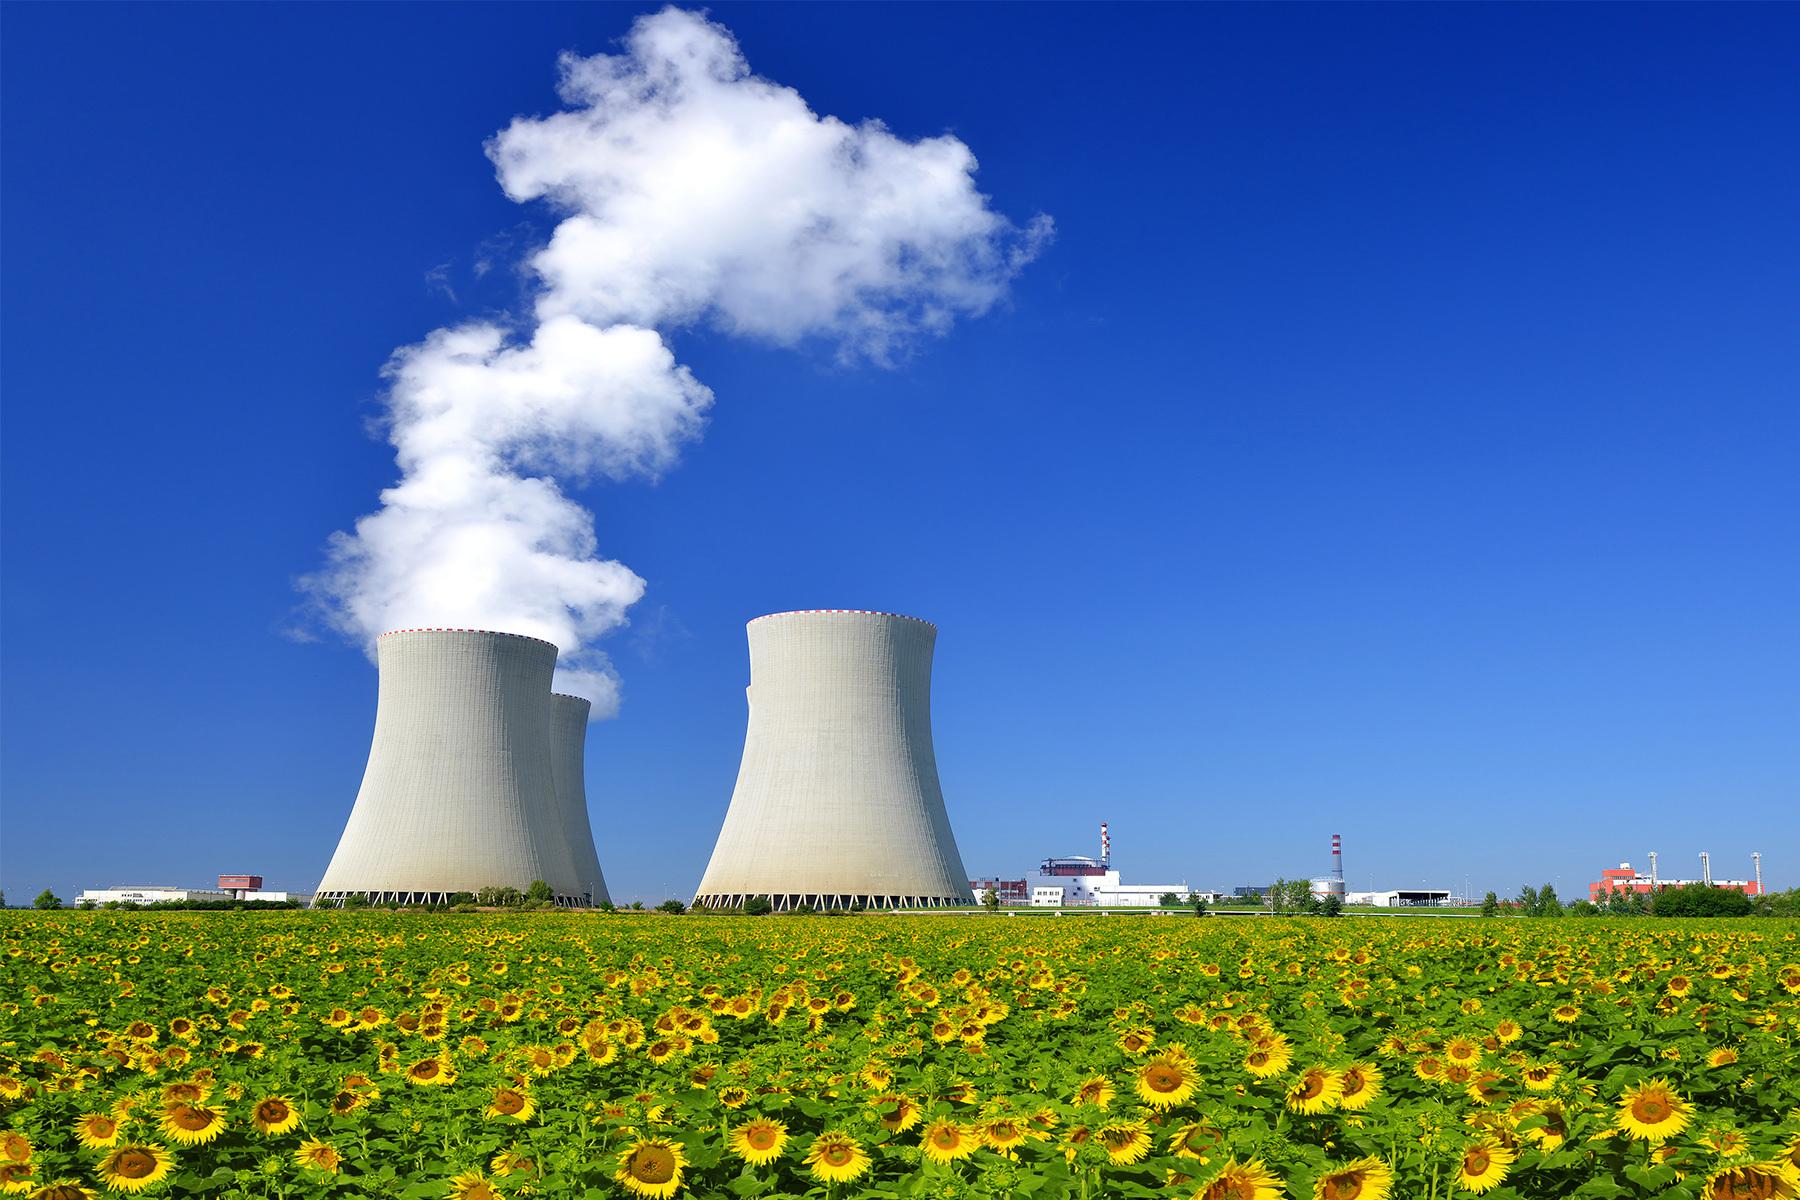 Numip_jedrska_energetika.jpg